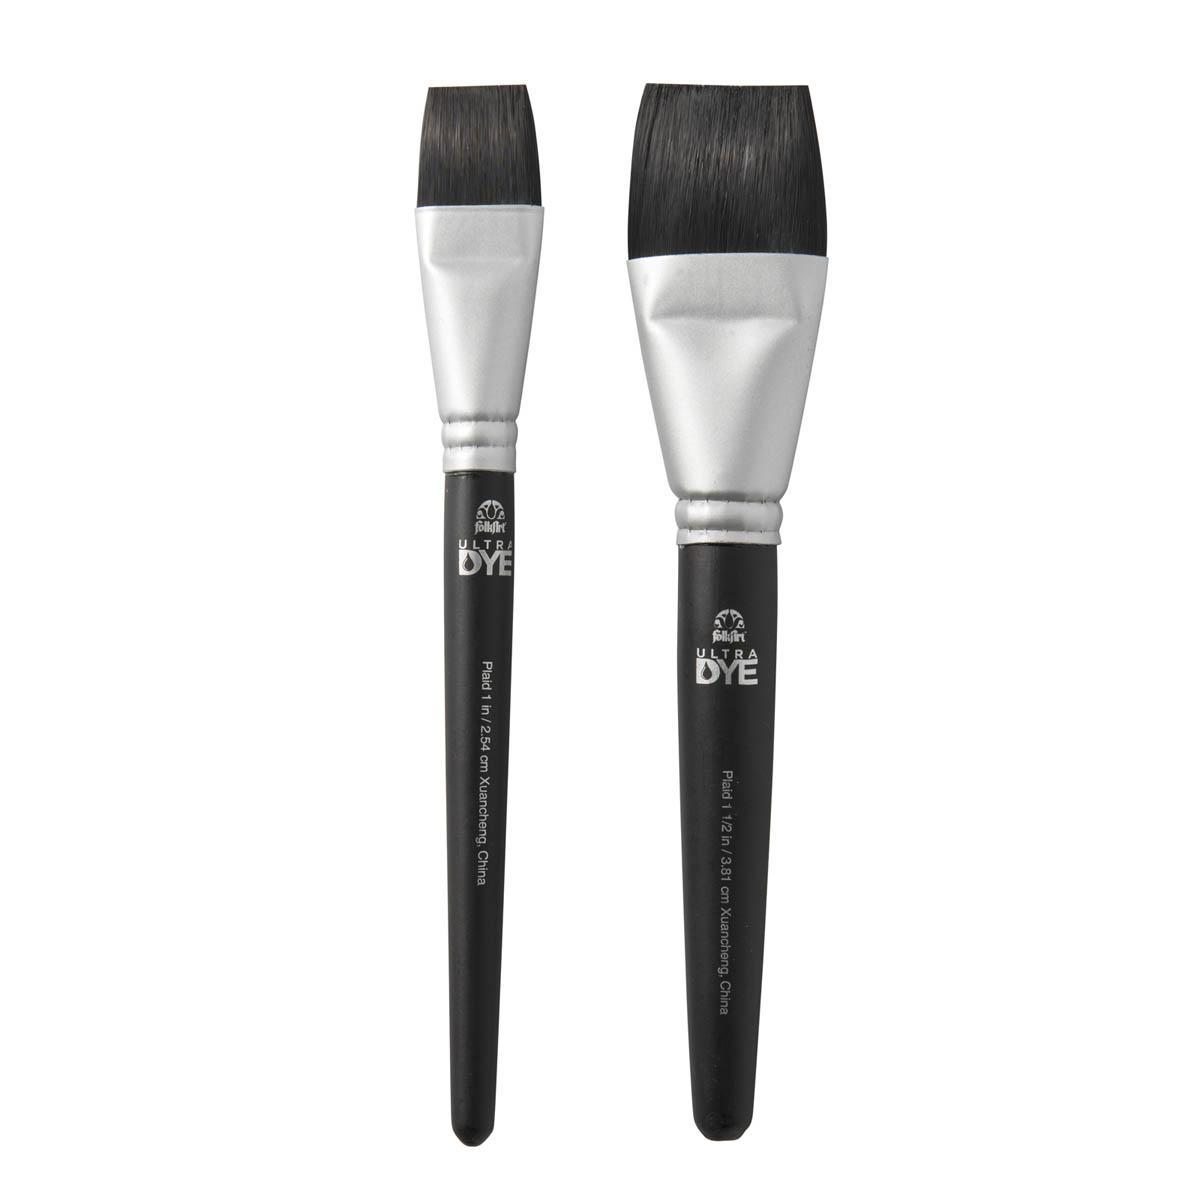 FolkArt ® Ultra Dye™ Brush Pack